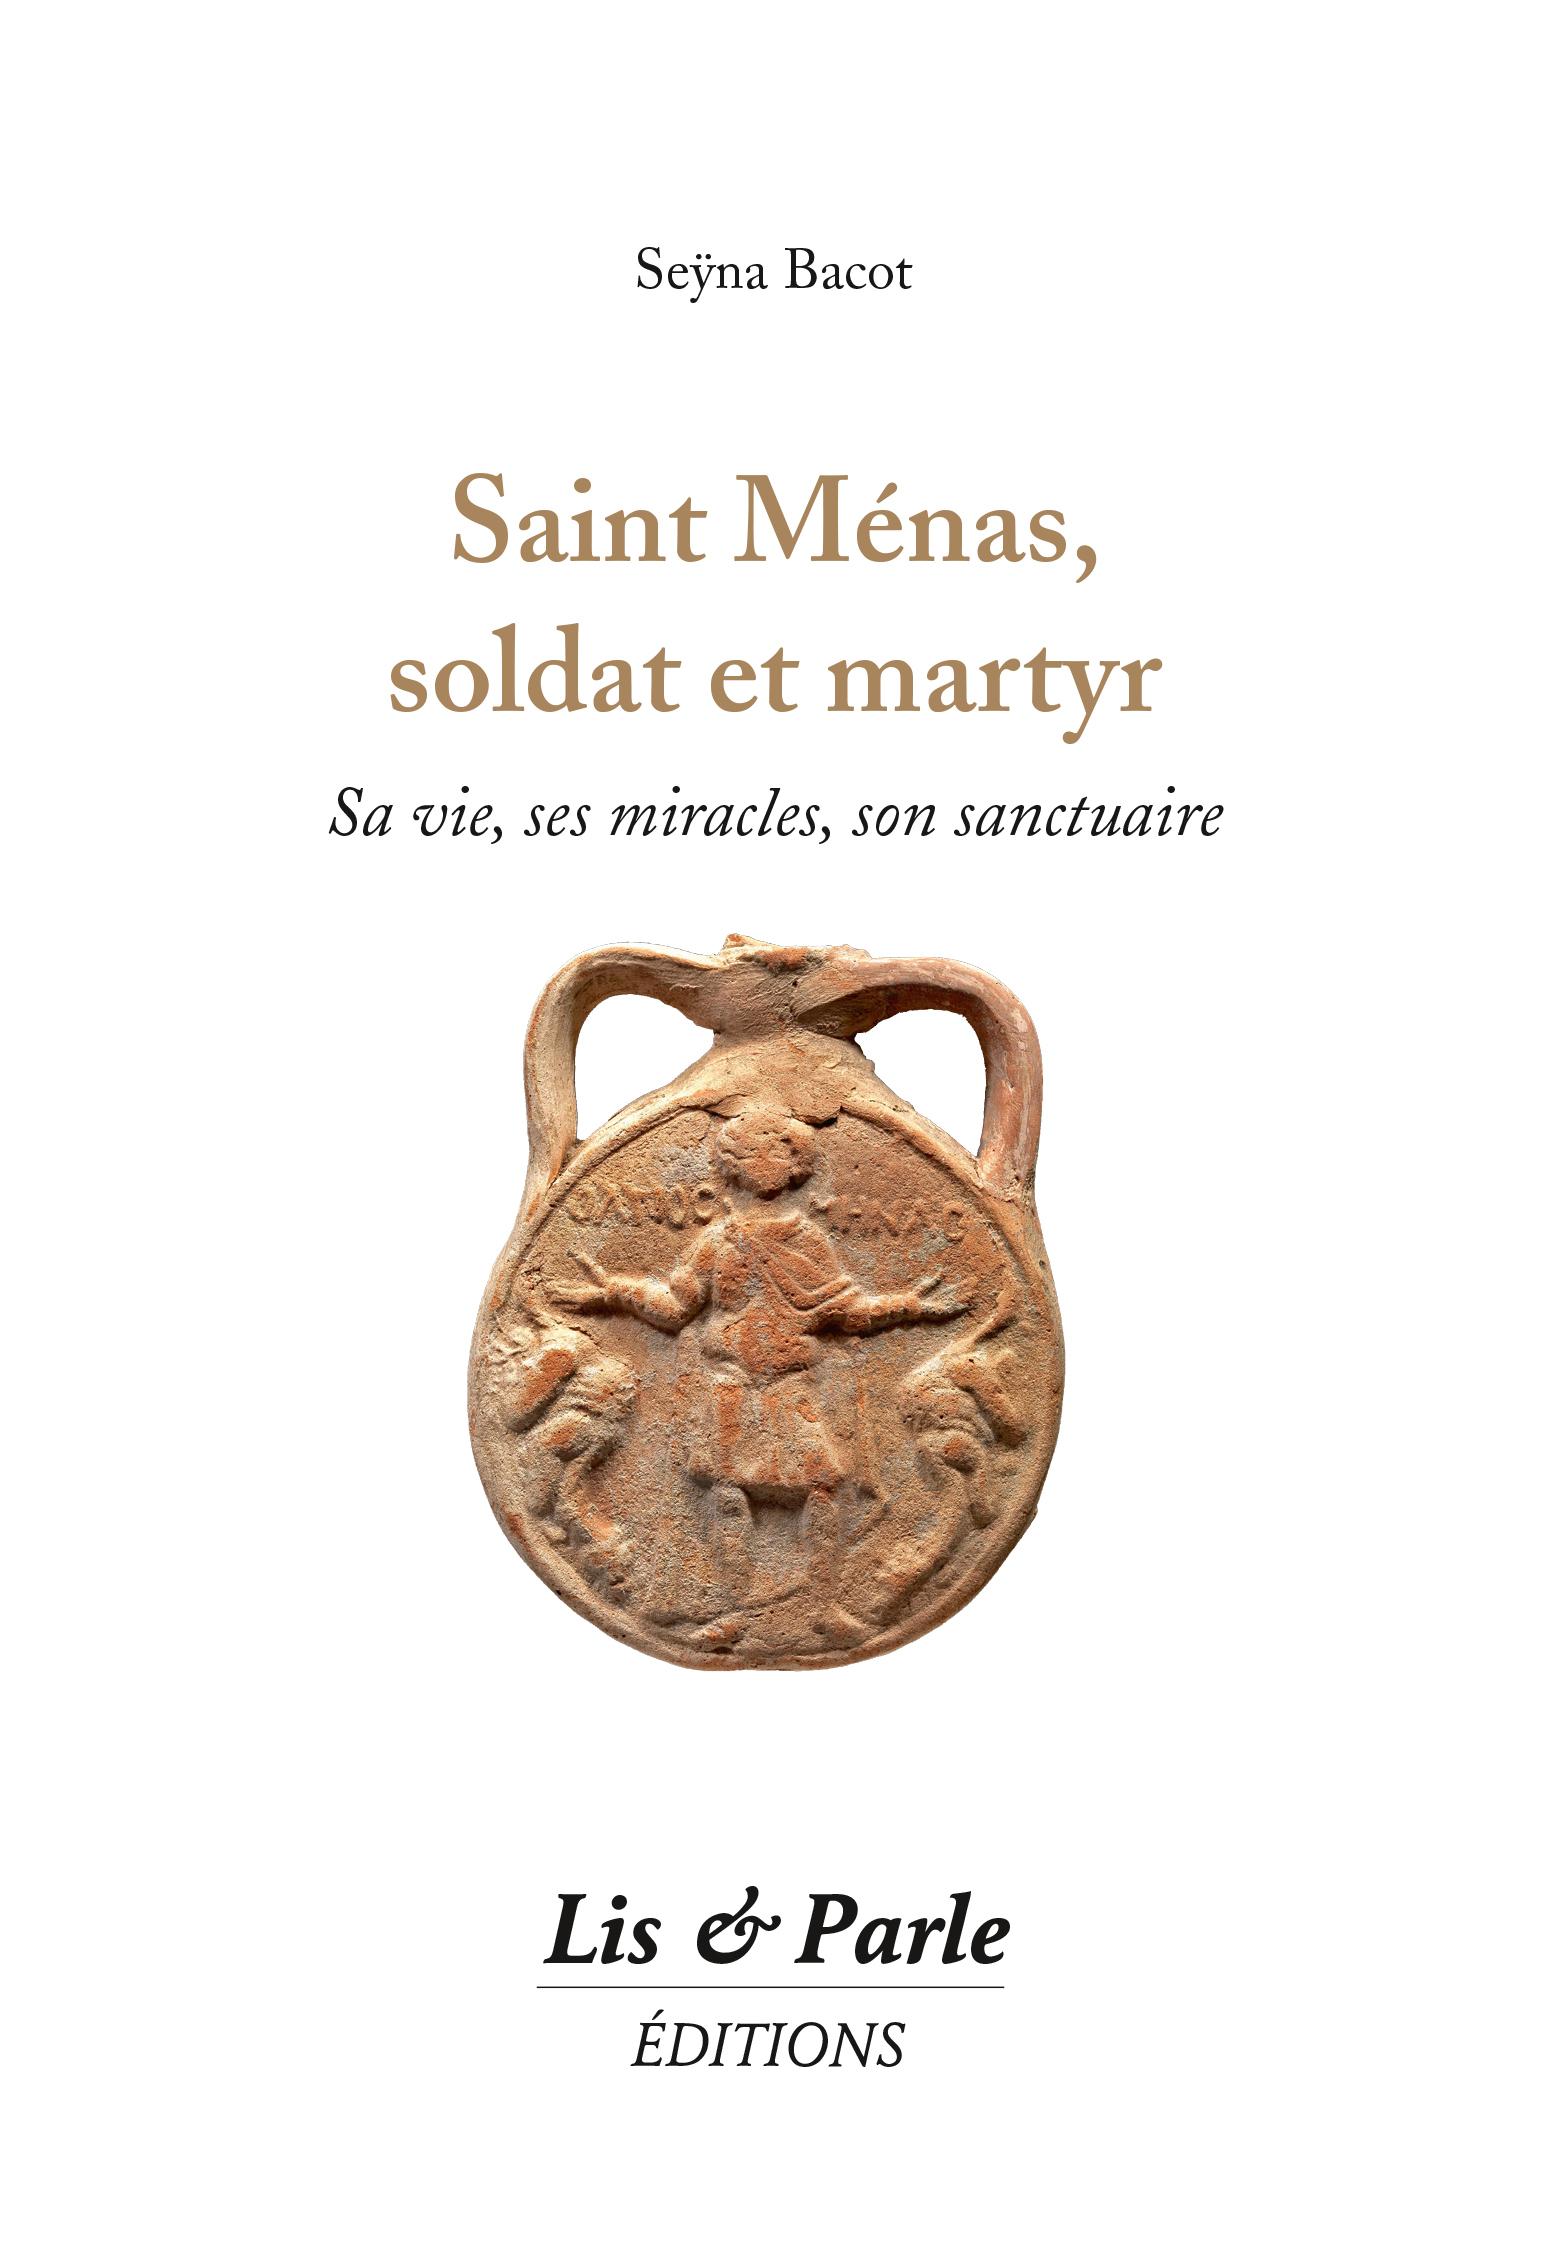 SAINT MENAS, SOLDAT ET MARTYR : SA VIE, SES MIRACLES, SON SANCTUAIRE